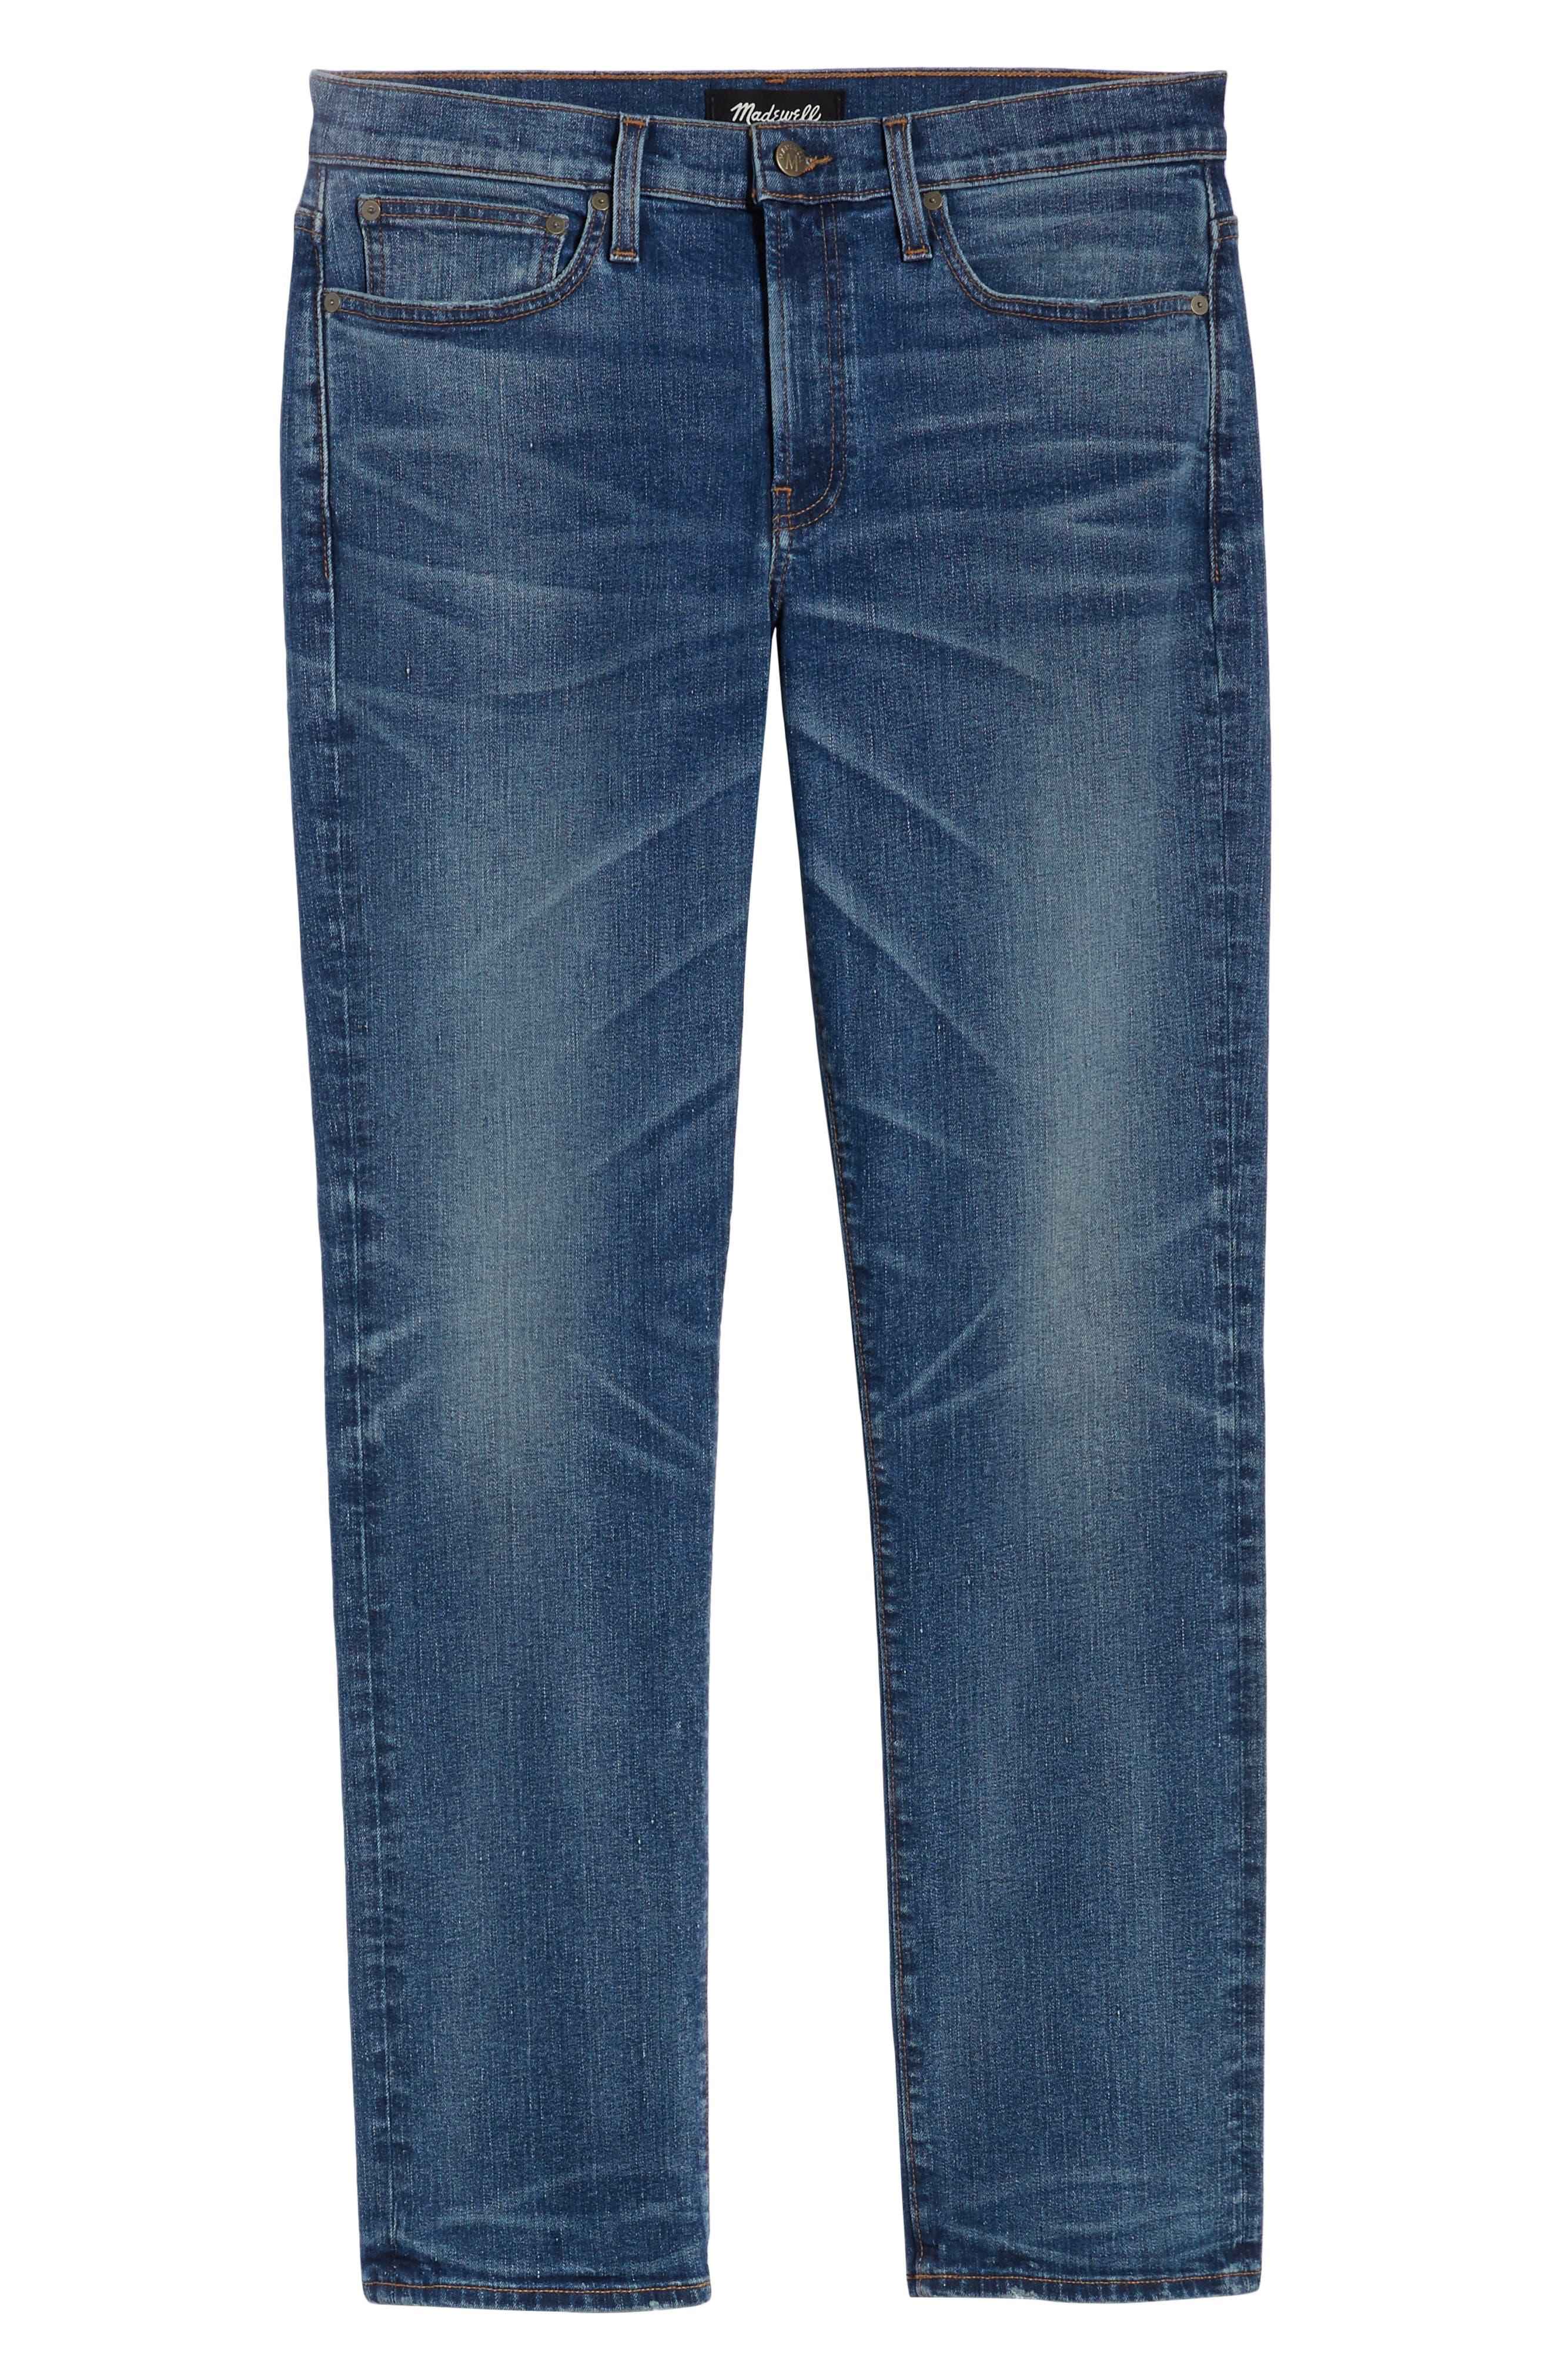 MADEWELL,                             Straight Leg Jeans,                             Alternate thumbnail 7, color,                             ARCWOOD